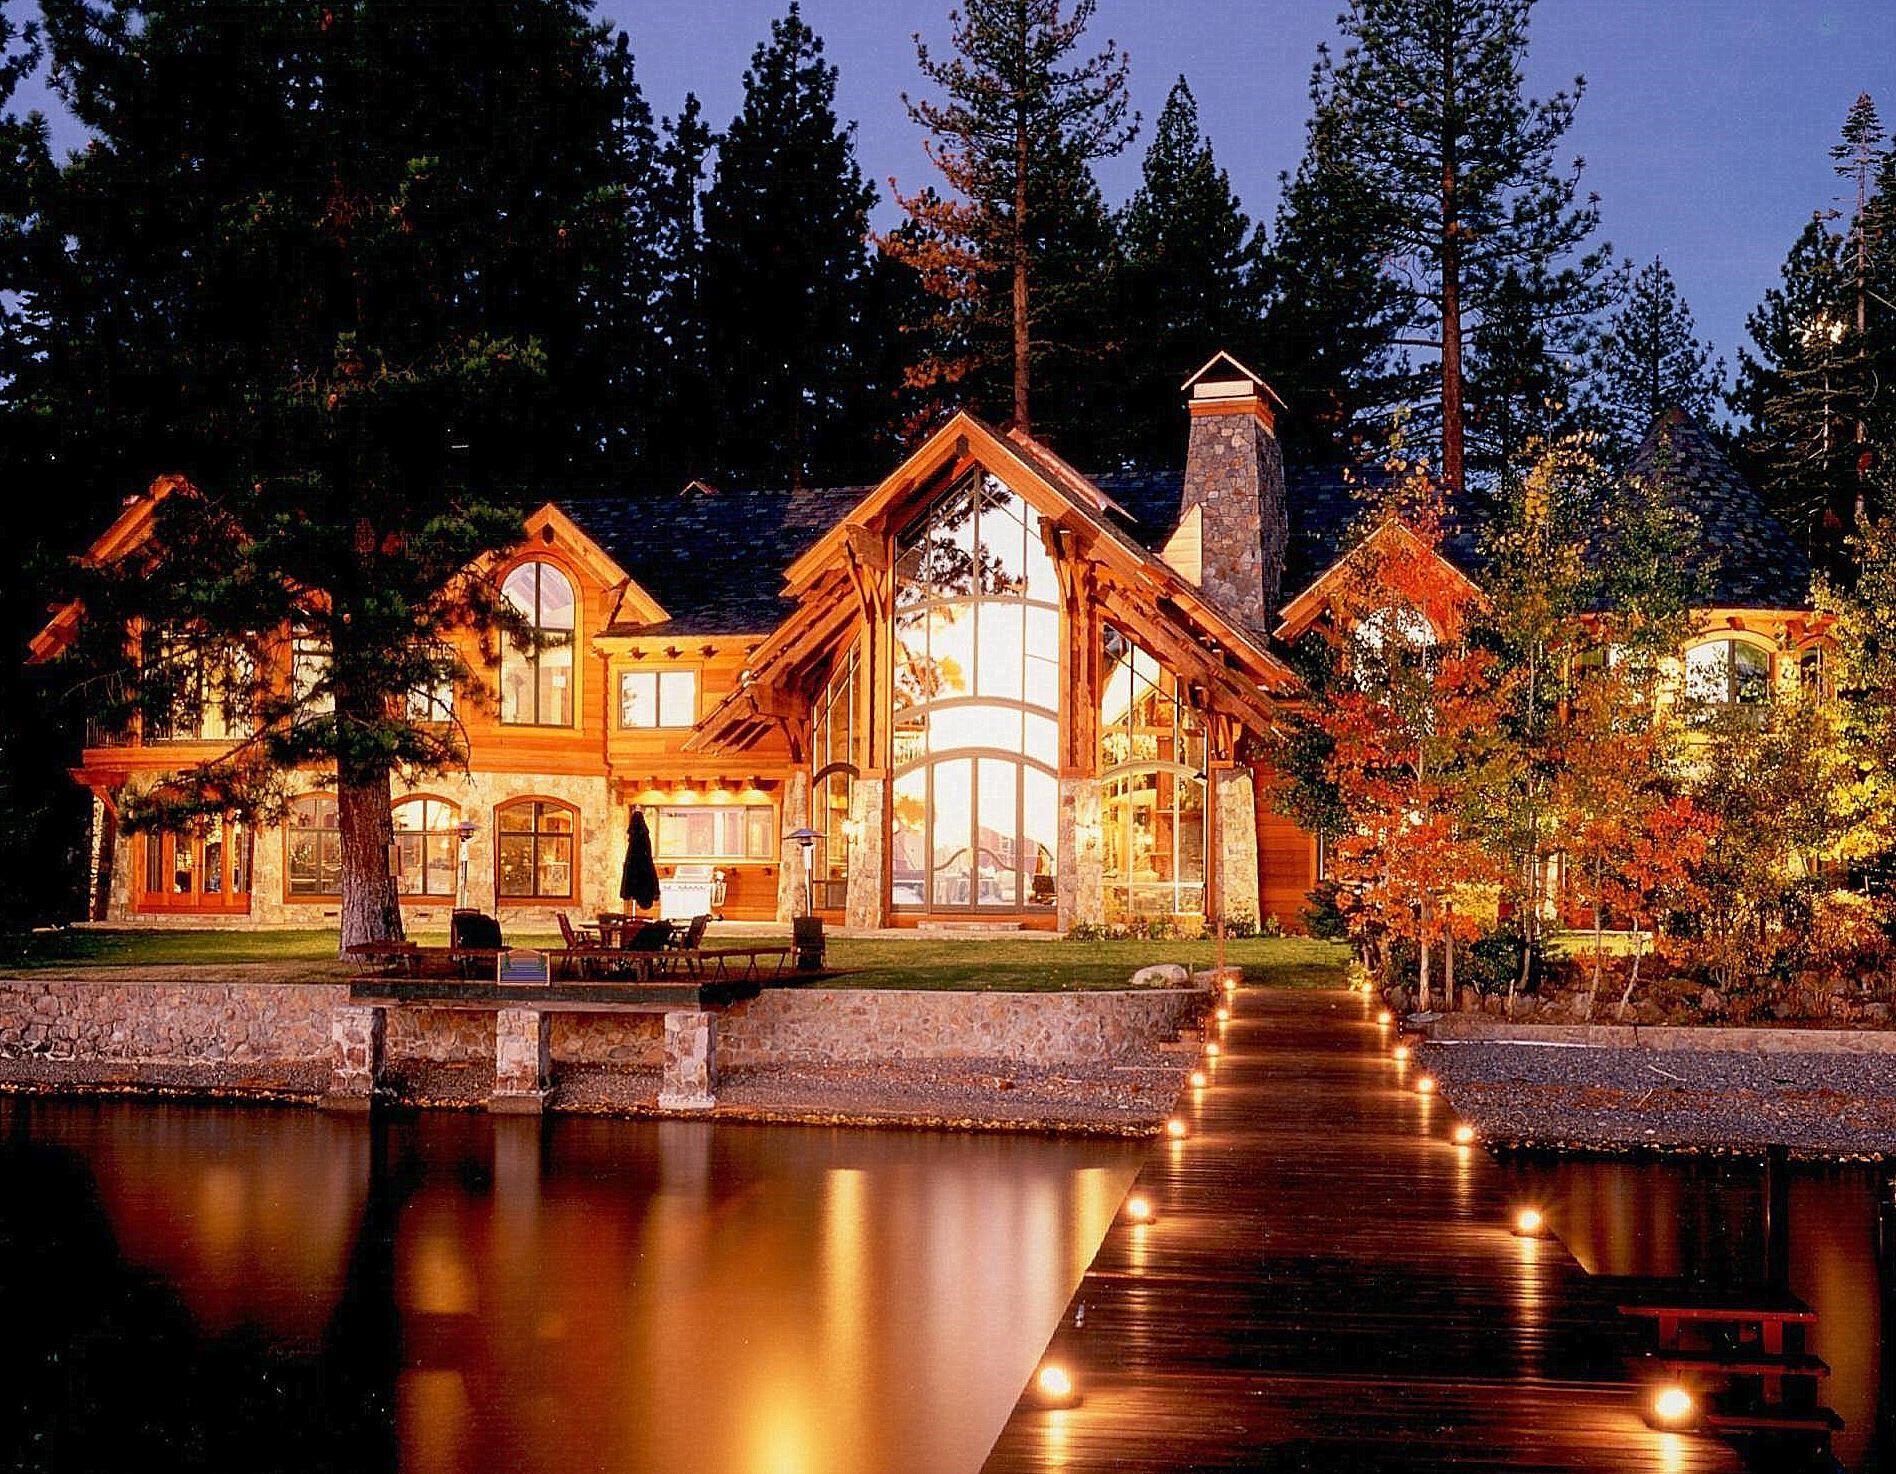 custom log home design ideas preferred home design